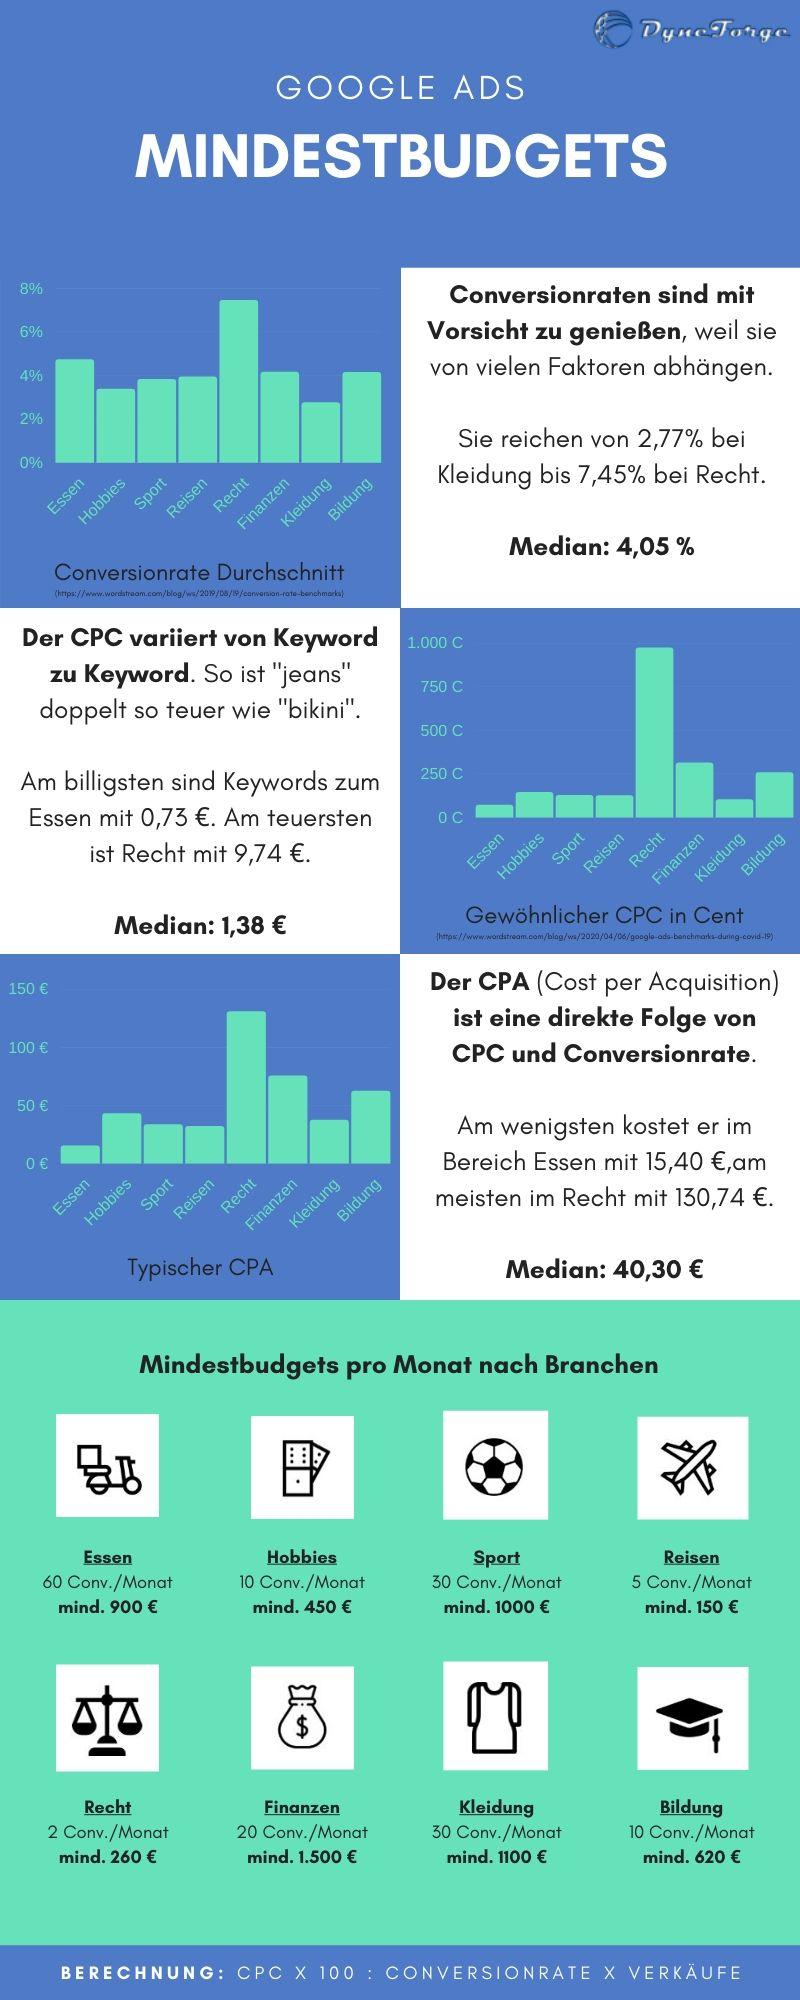 Wie hoch sollte das Google Ads Budget mindestens sein - Infografik Google Ads Mindestbudgets